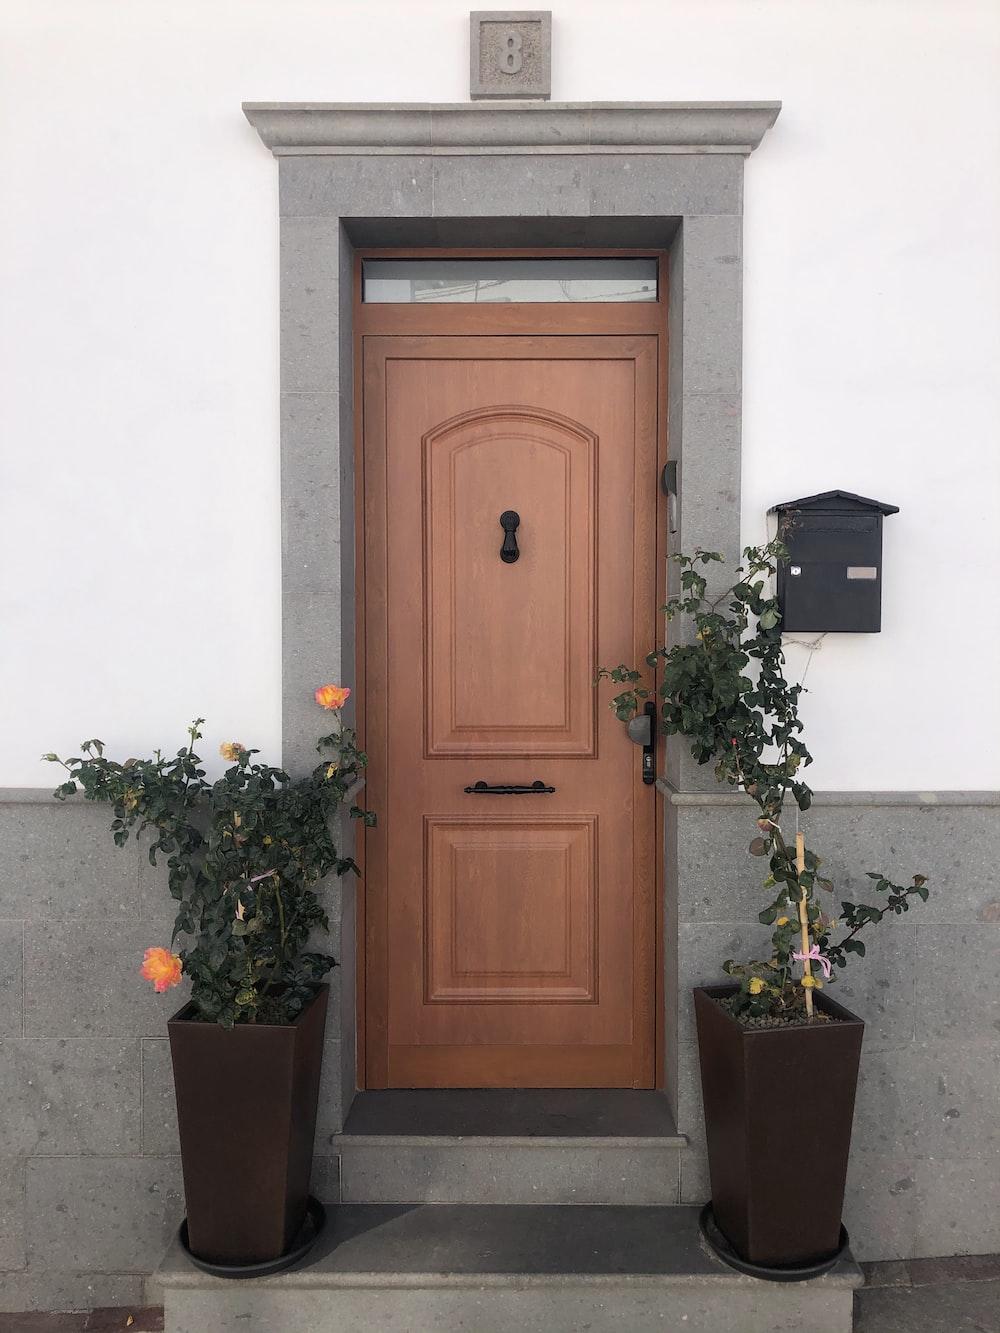 brown wooden door beside green potted plant